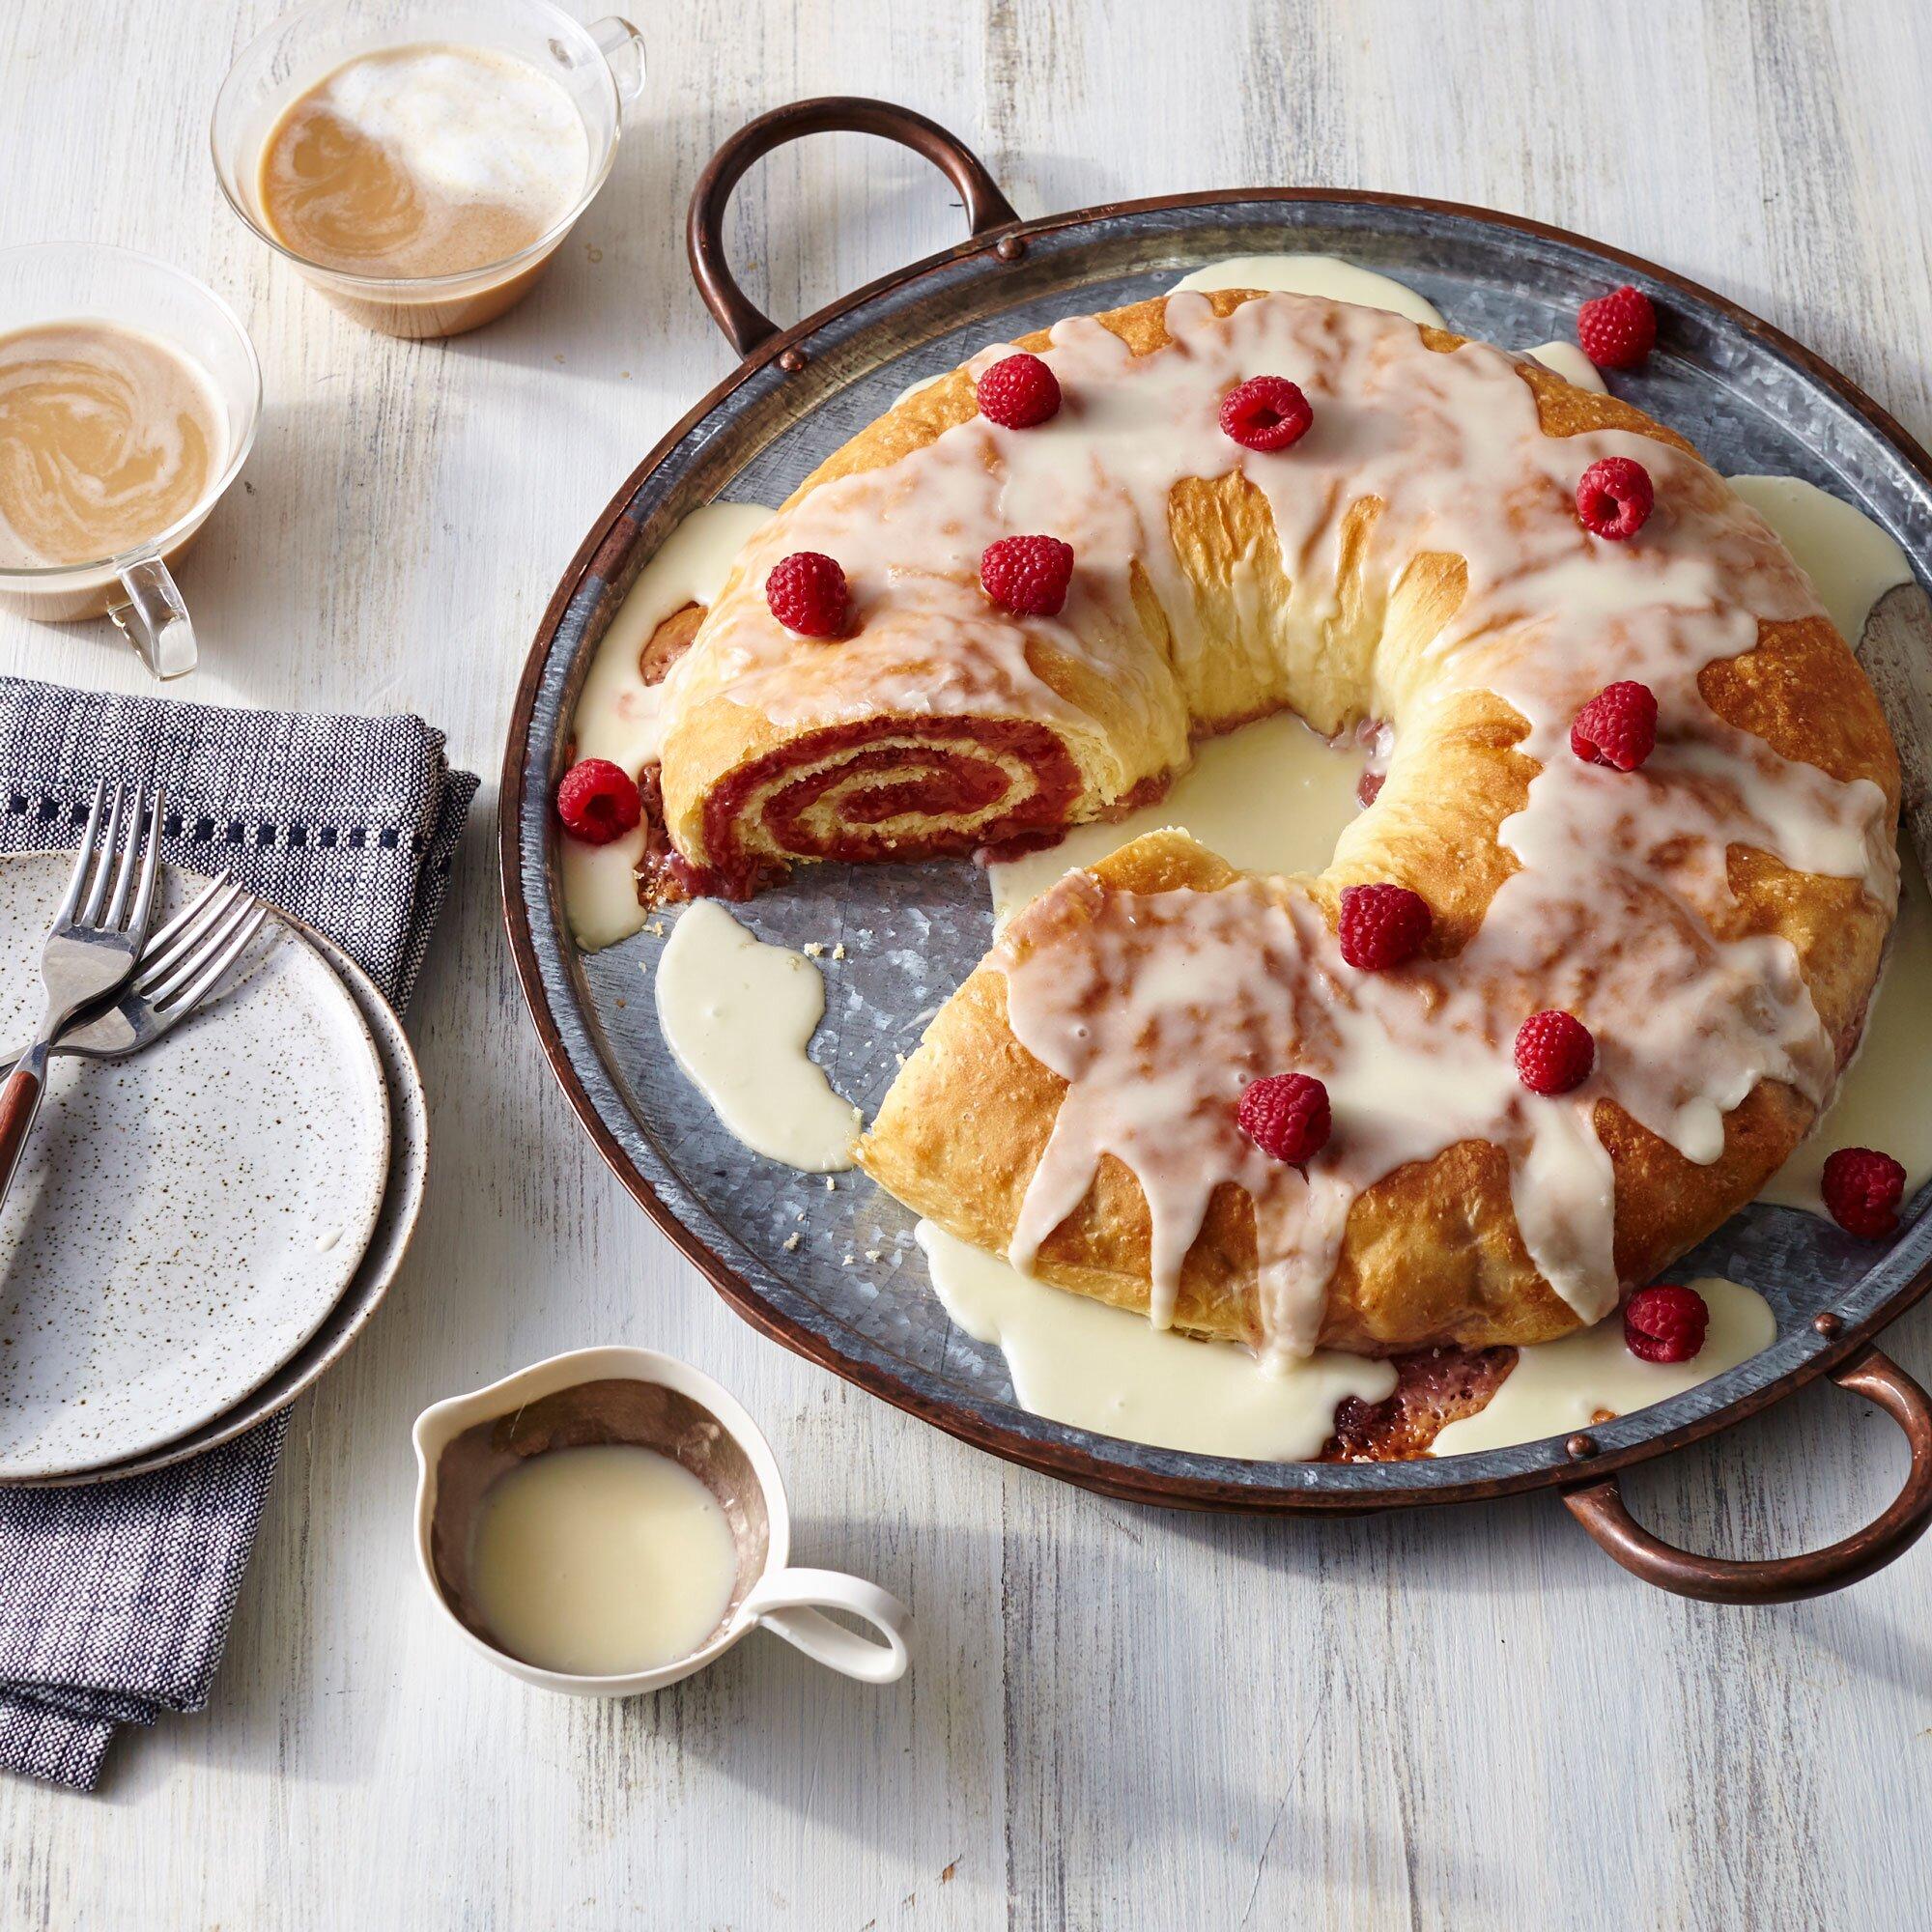 Raspberry and Cream Cheese Danish Roll